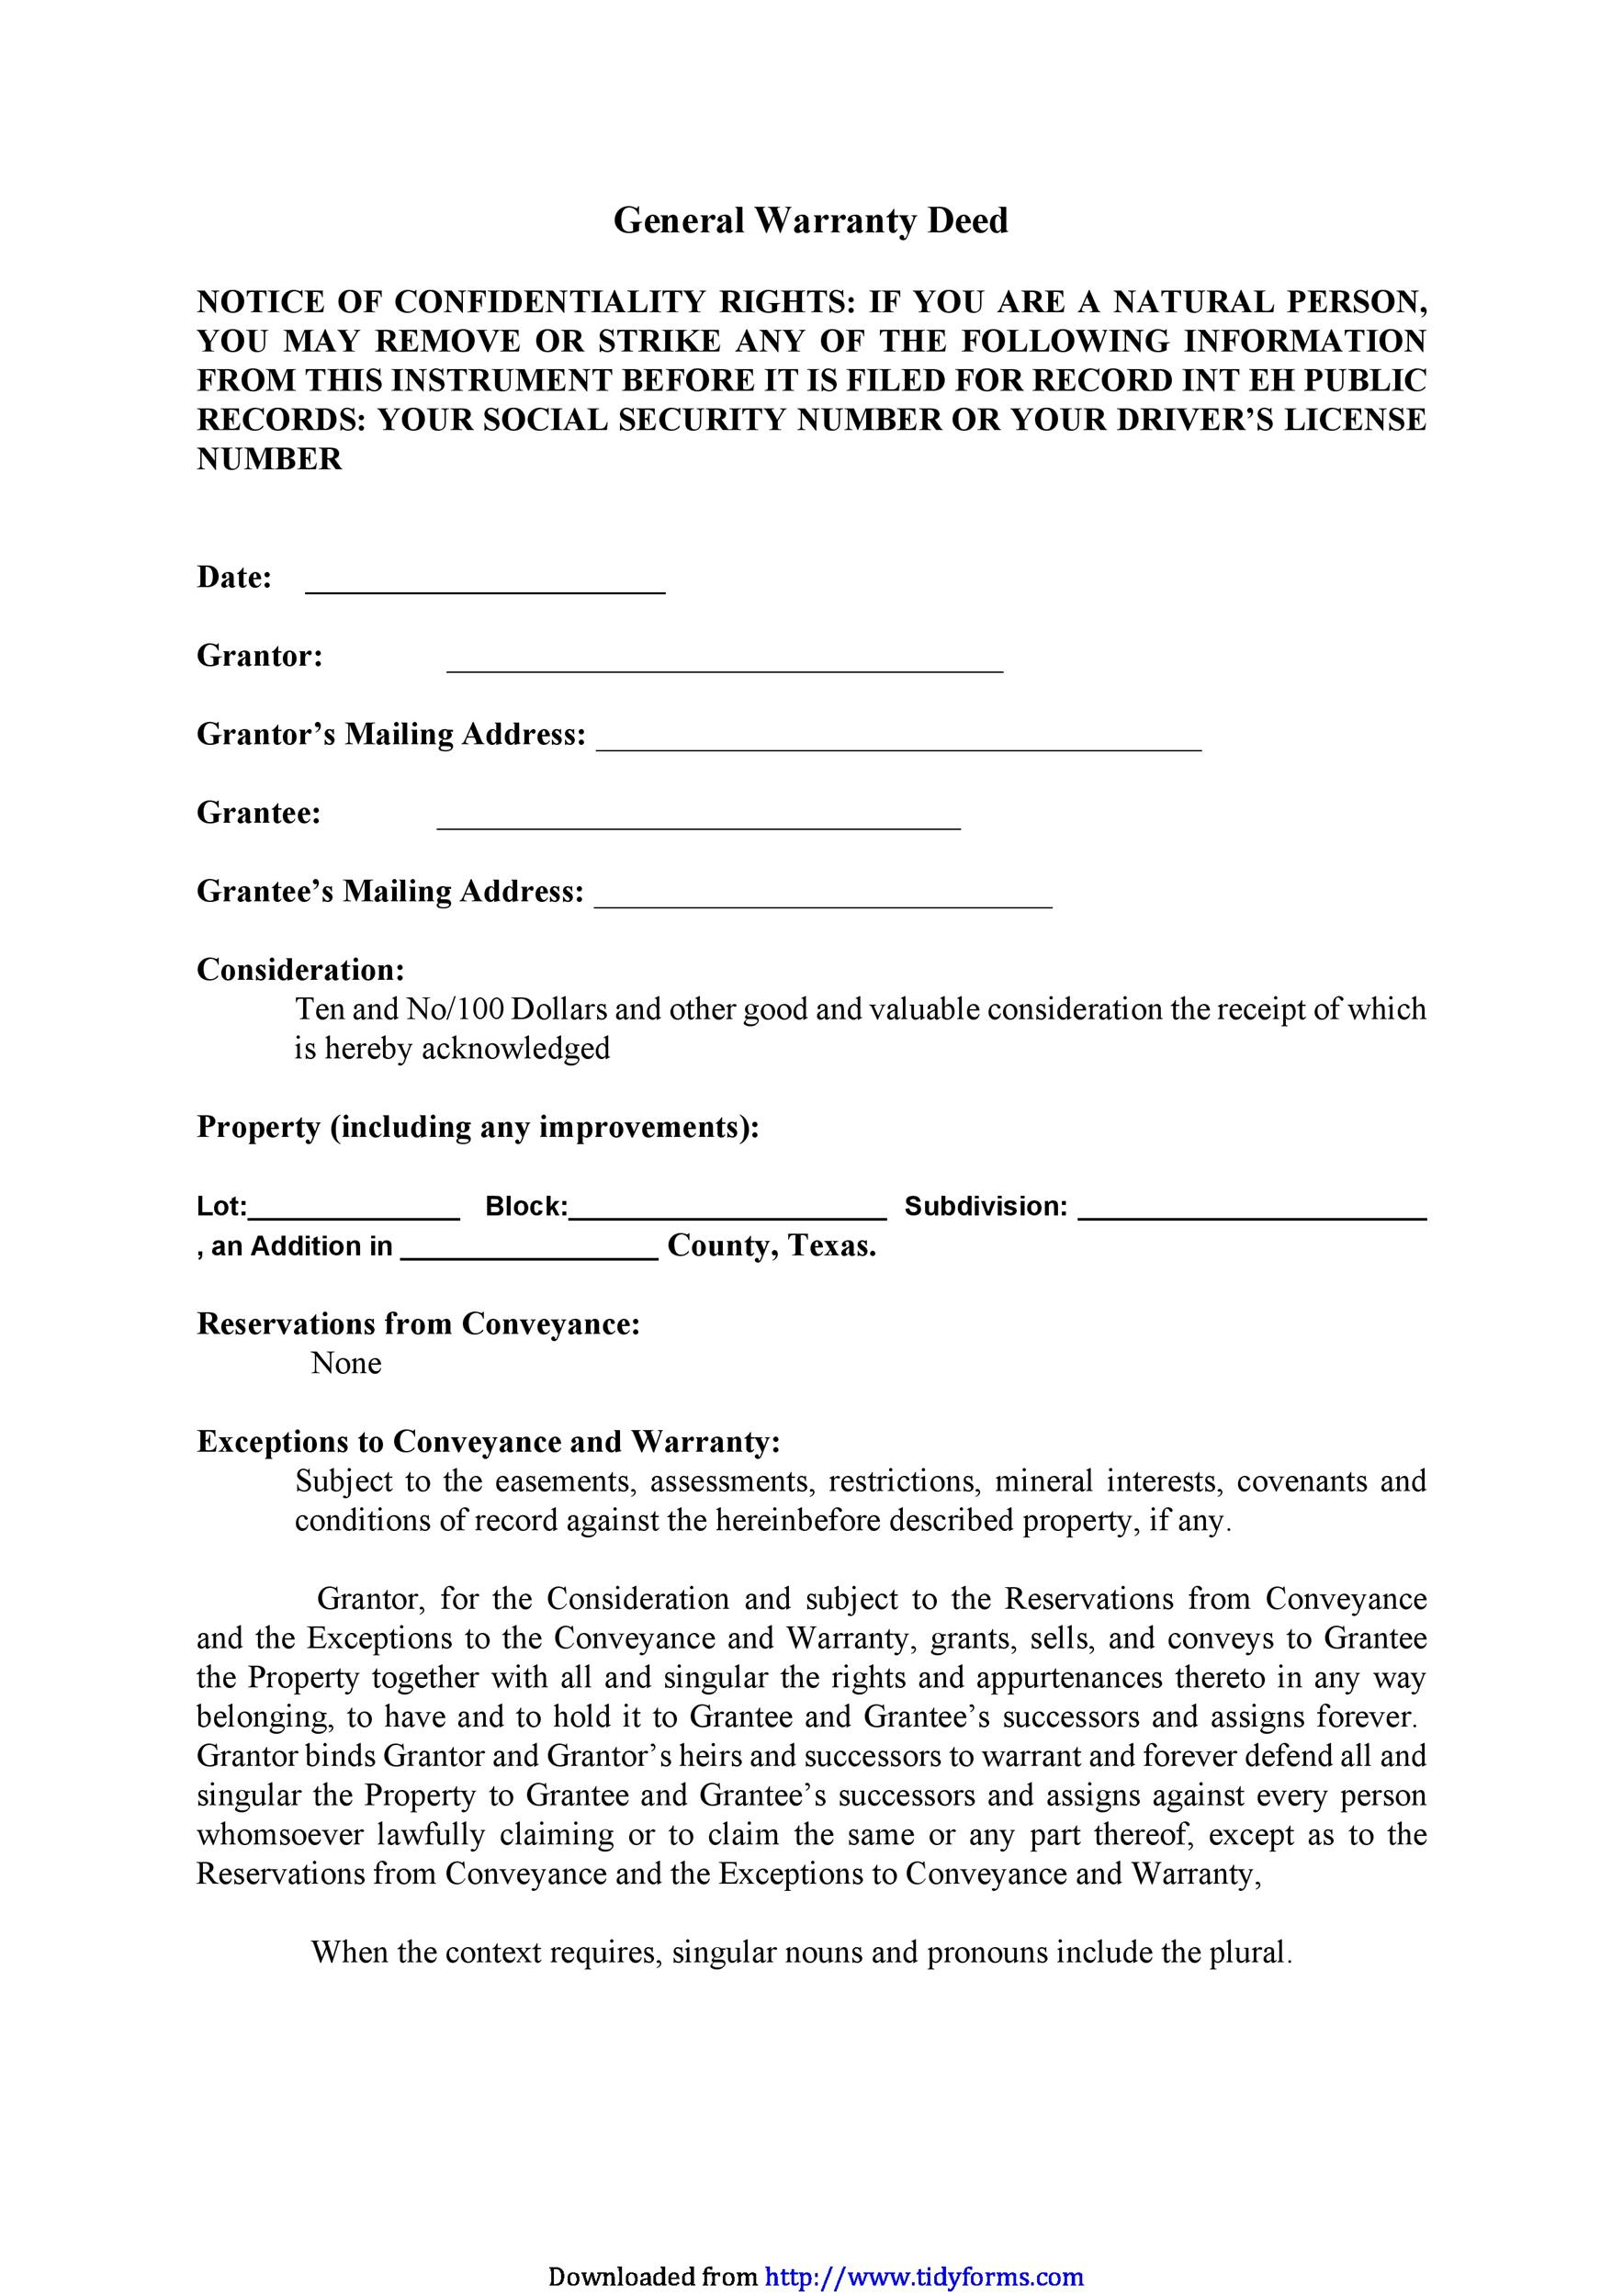 warranty deed form template - Teacheng.us